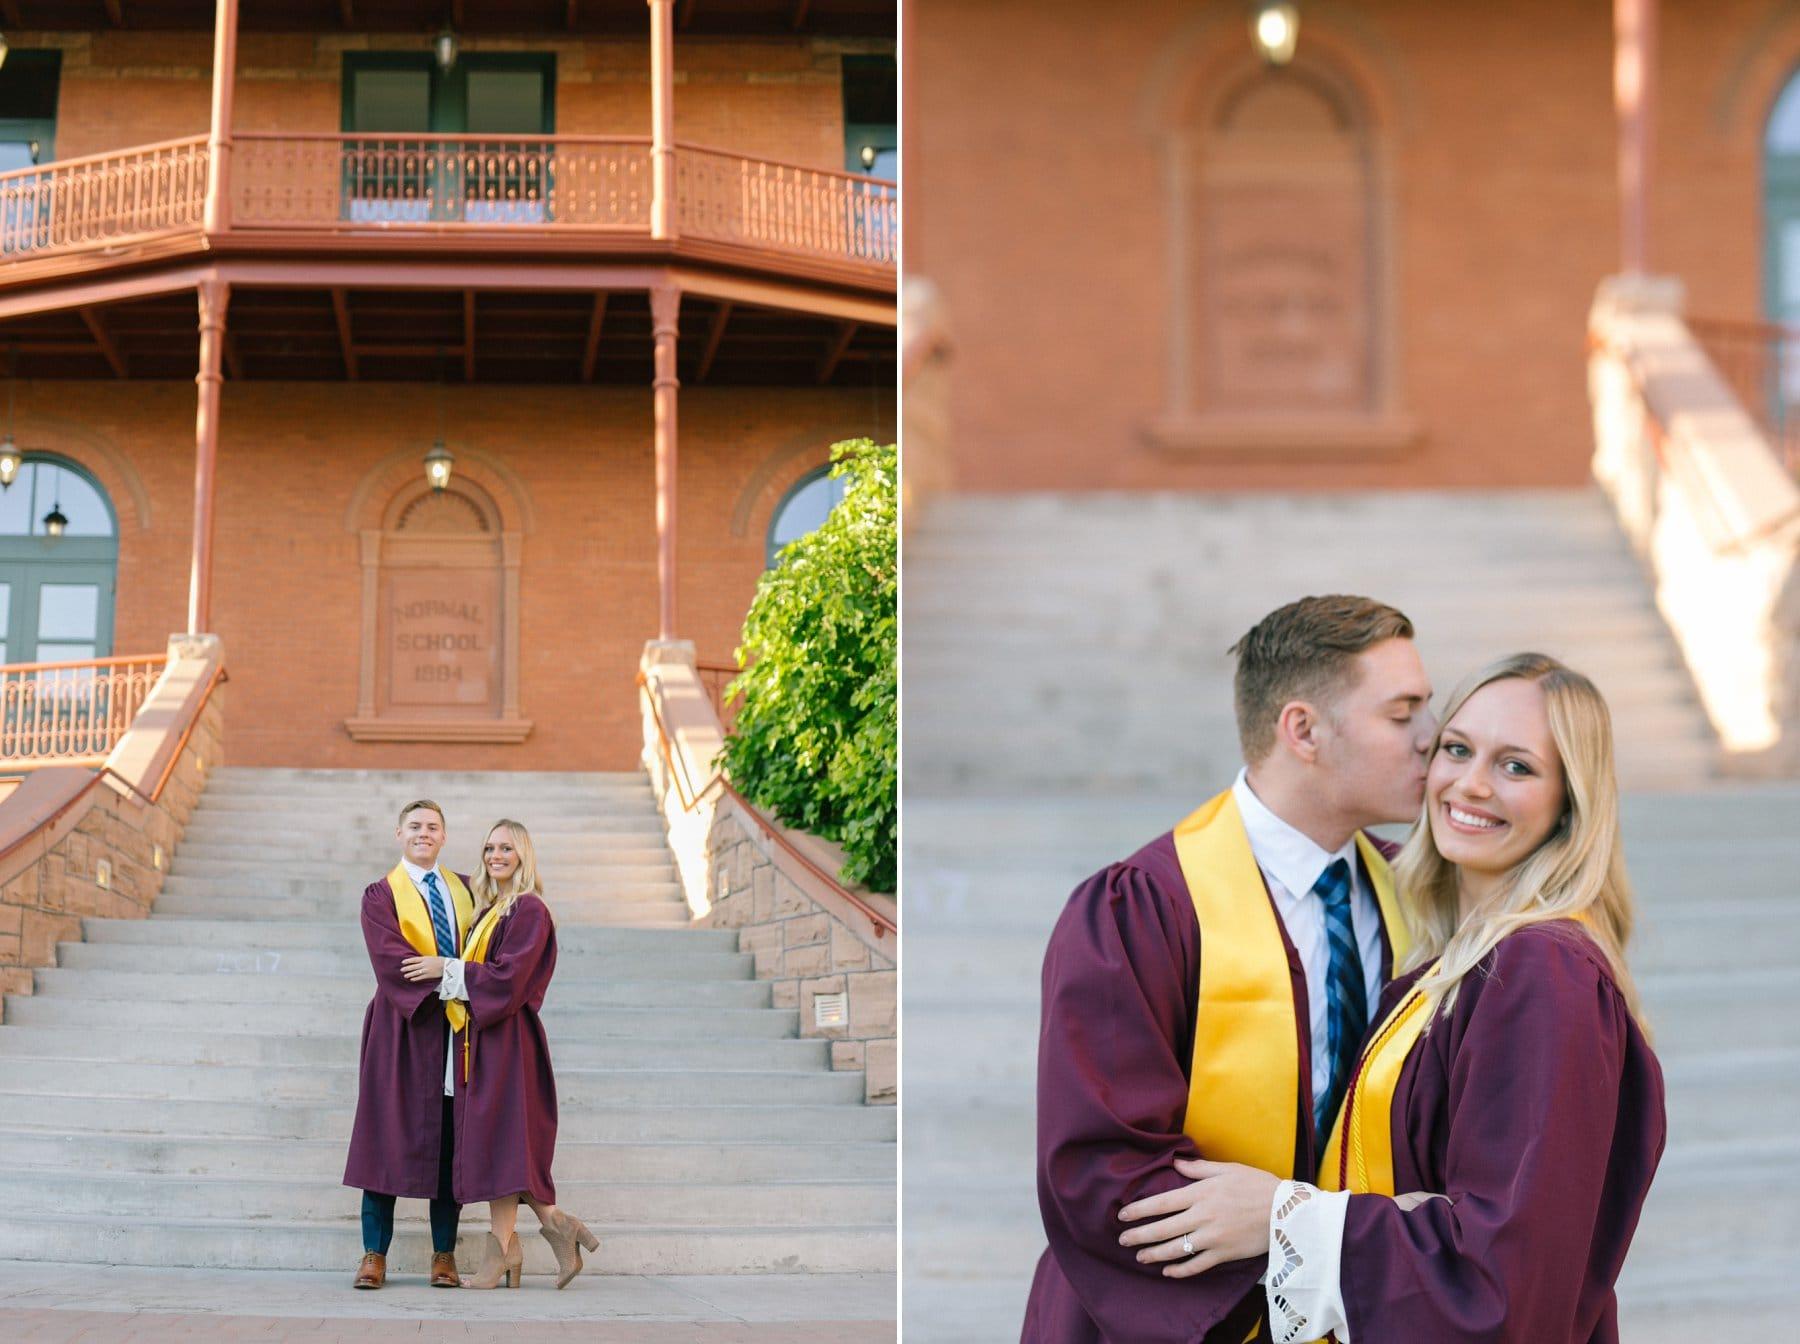 Arizona State University graduates at Old Main engaged